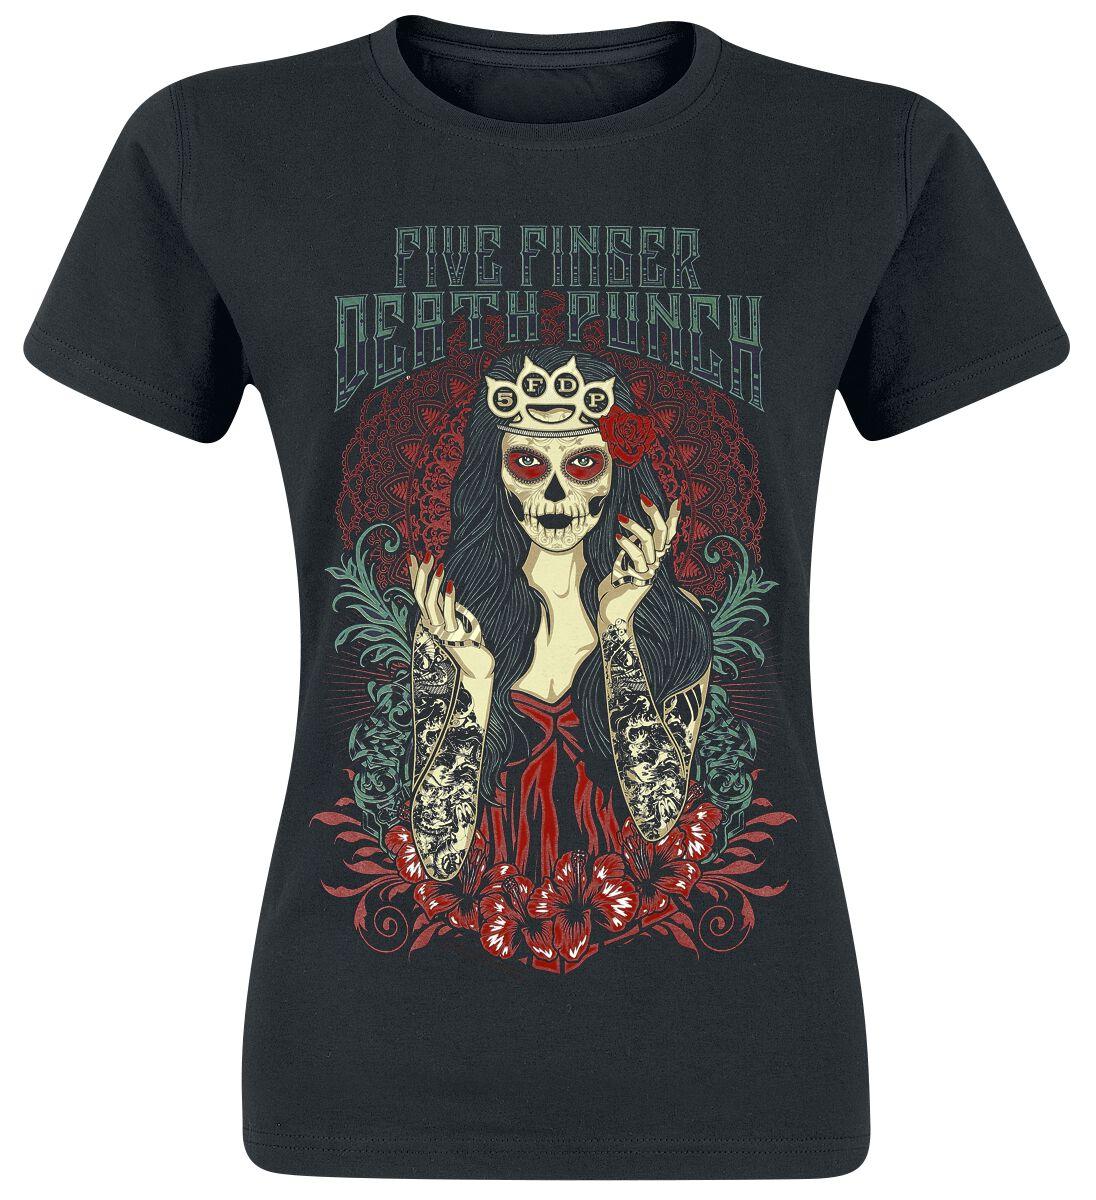 Image of   Five Finger Death Punch Lady Muerta Girlie trøje sort